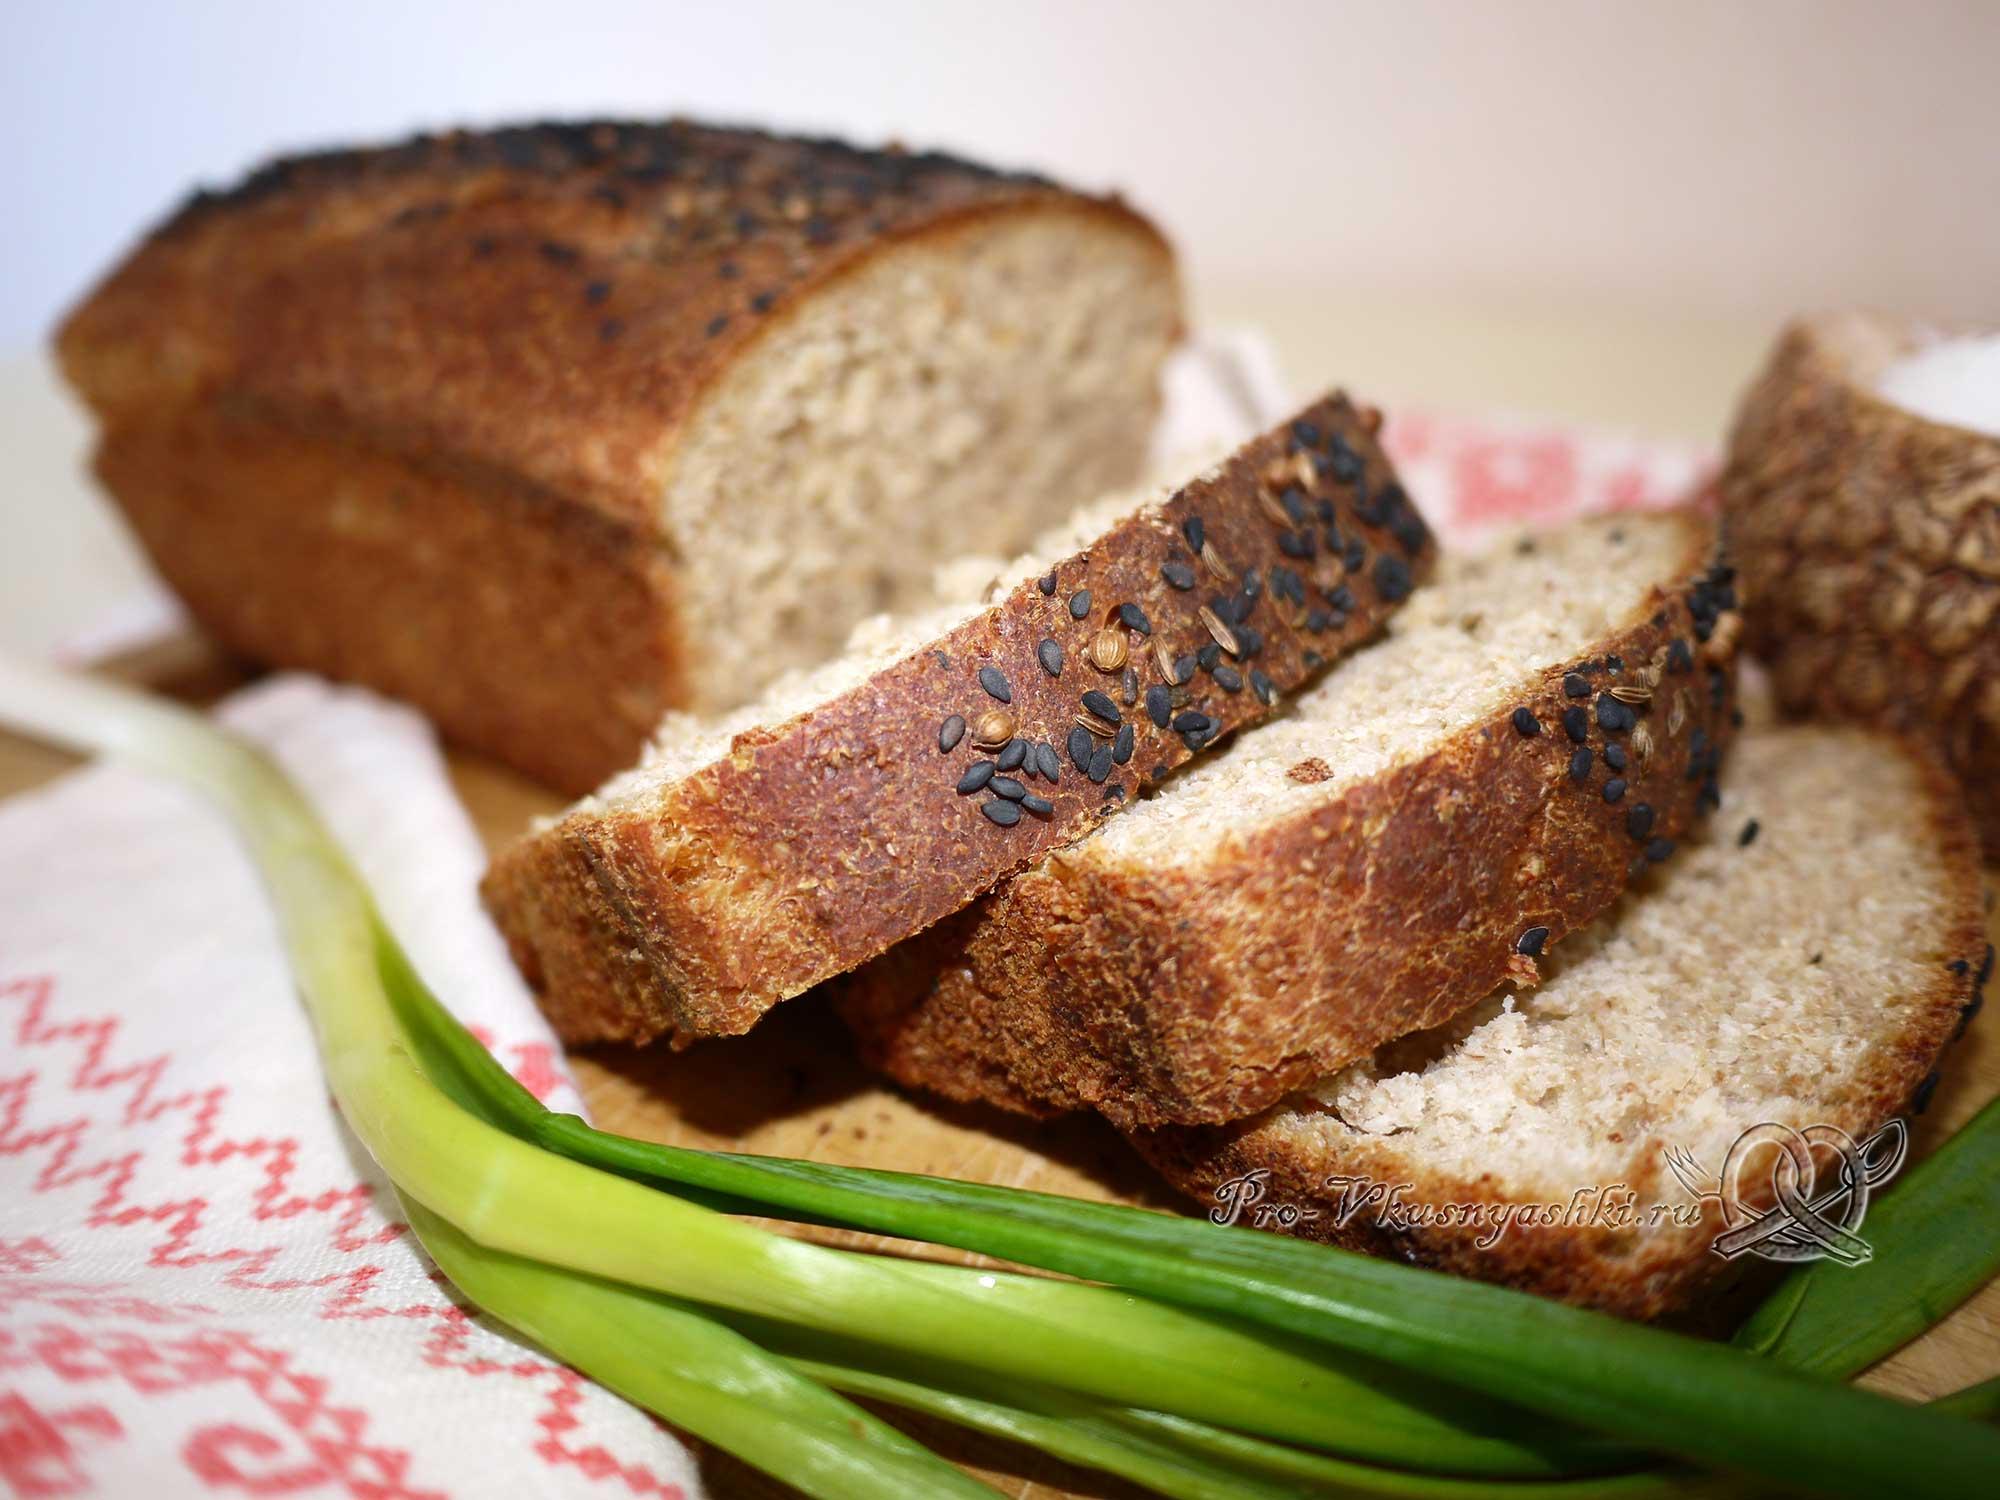 Постный пшеничный хлеб с отрубями (пошаговый рецепт с фото)